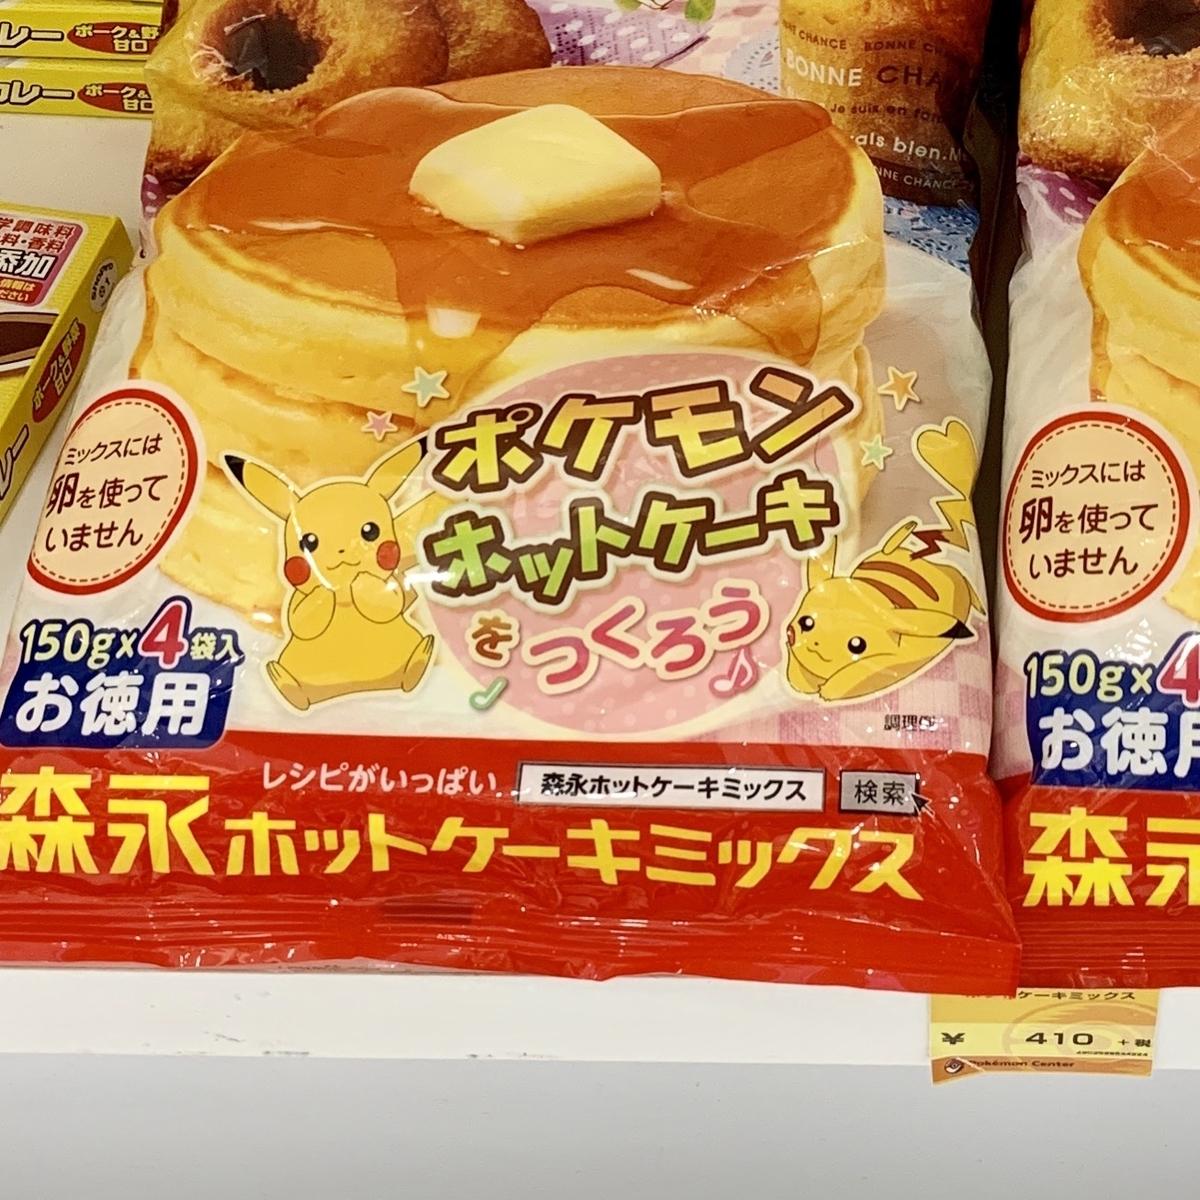 ケーキ ミックス ホット 森永